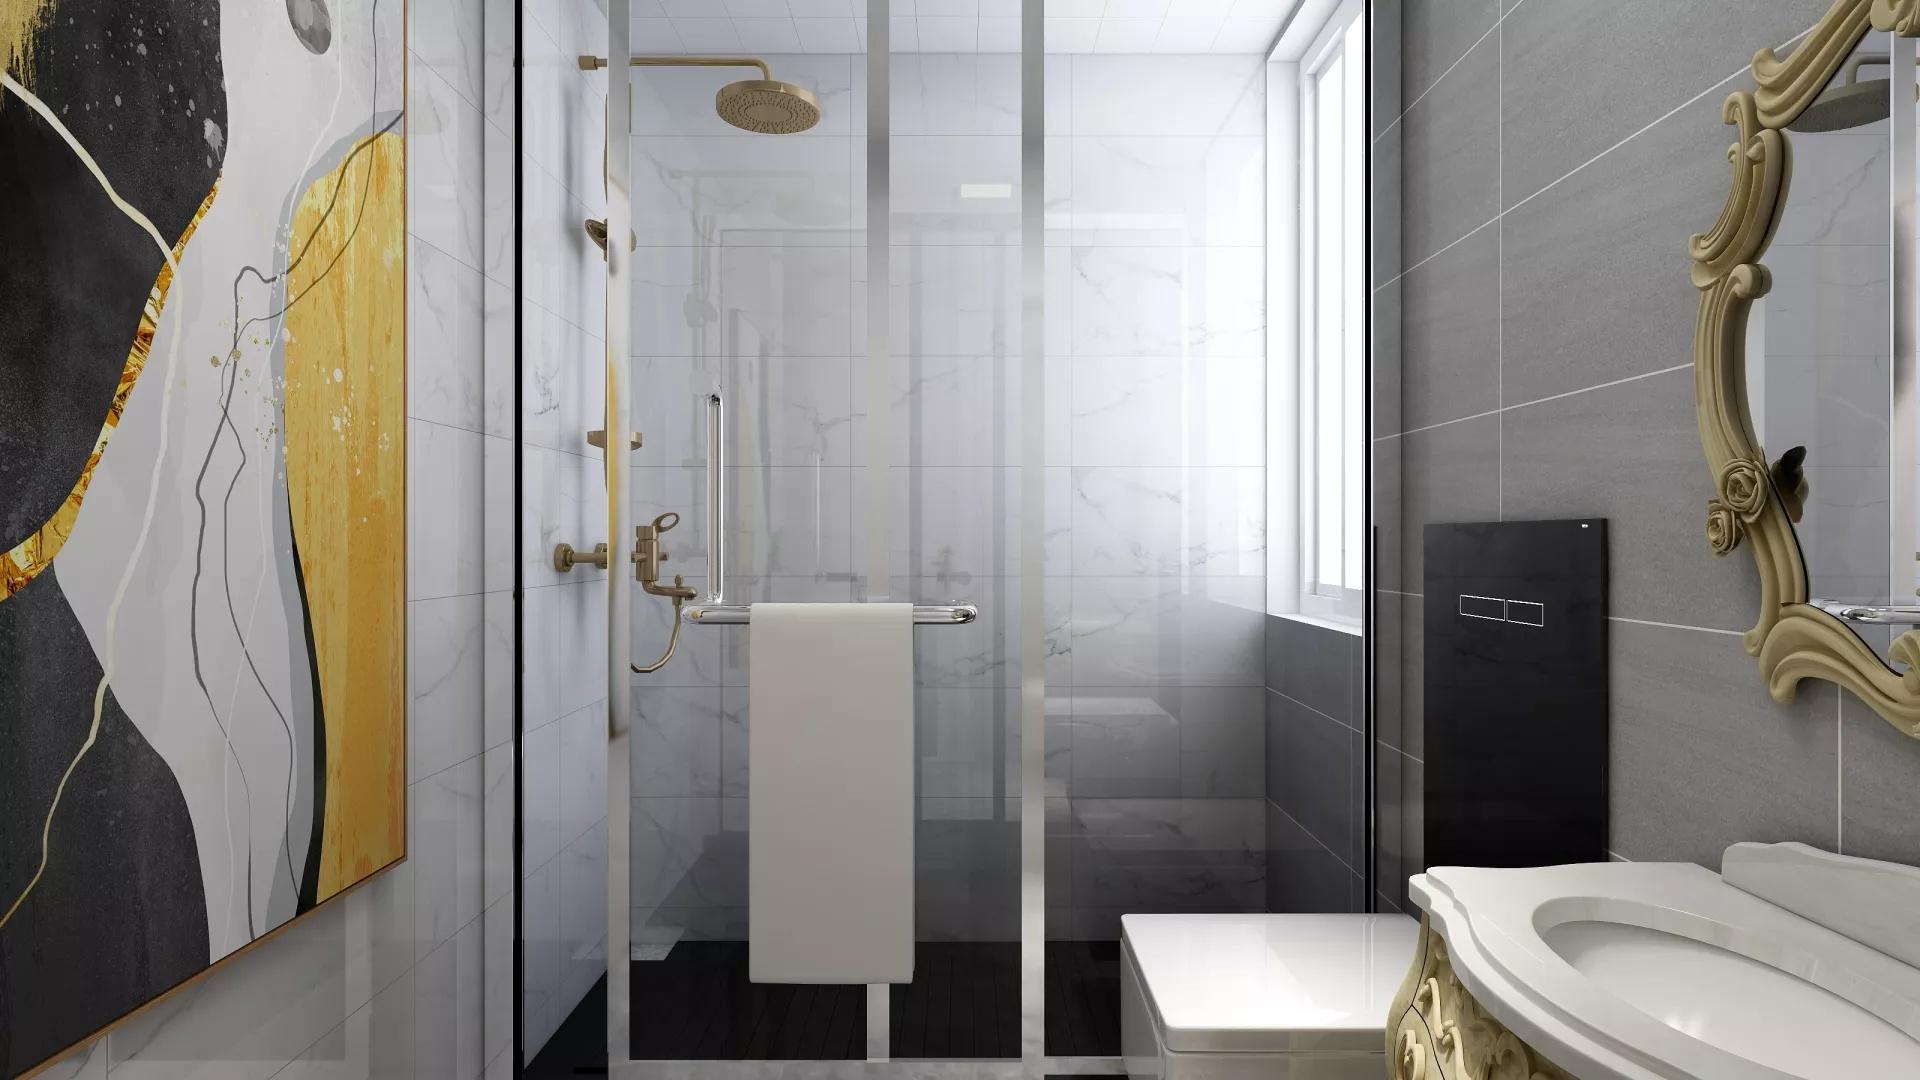 浴室门坏了怎么办?浴室门维修的方法